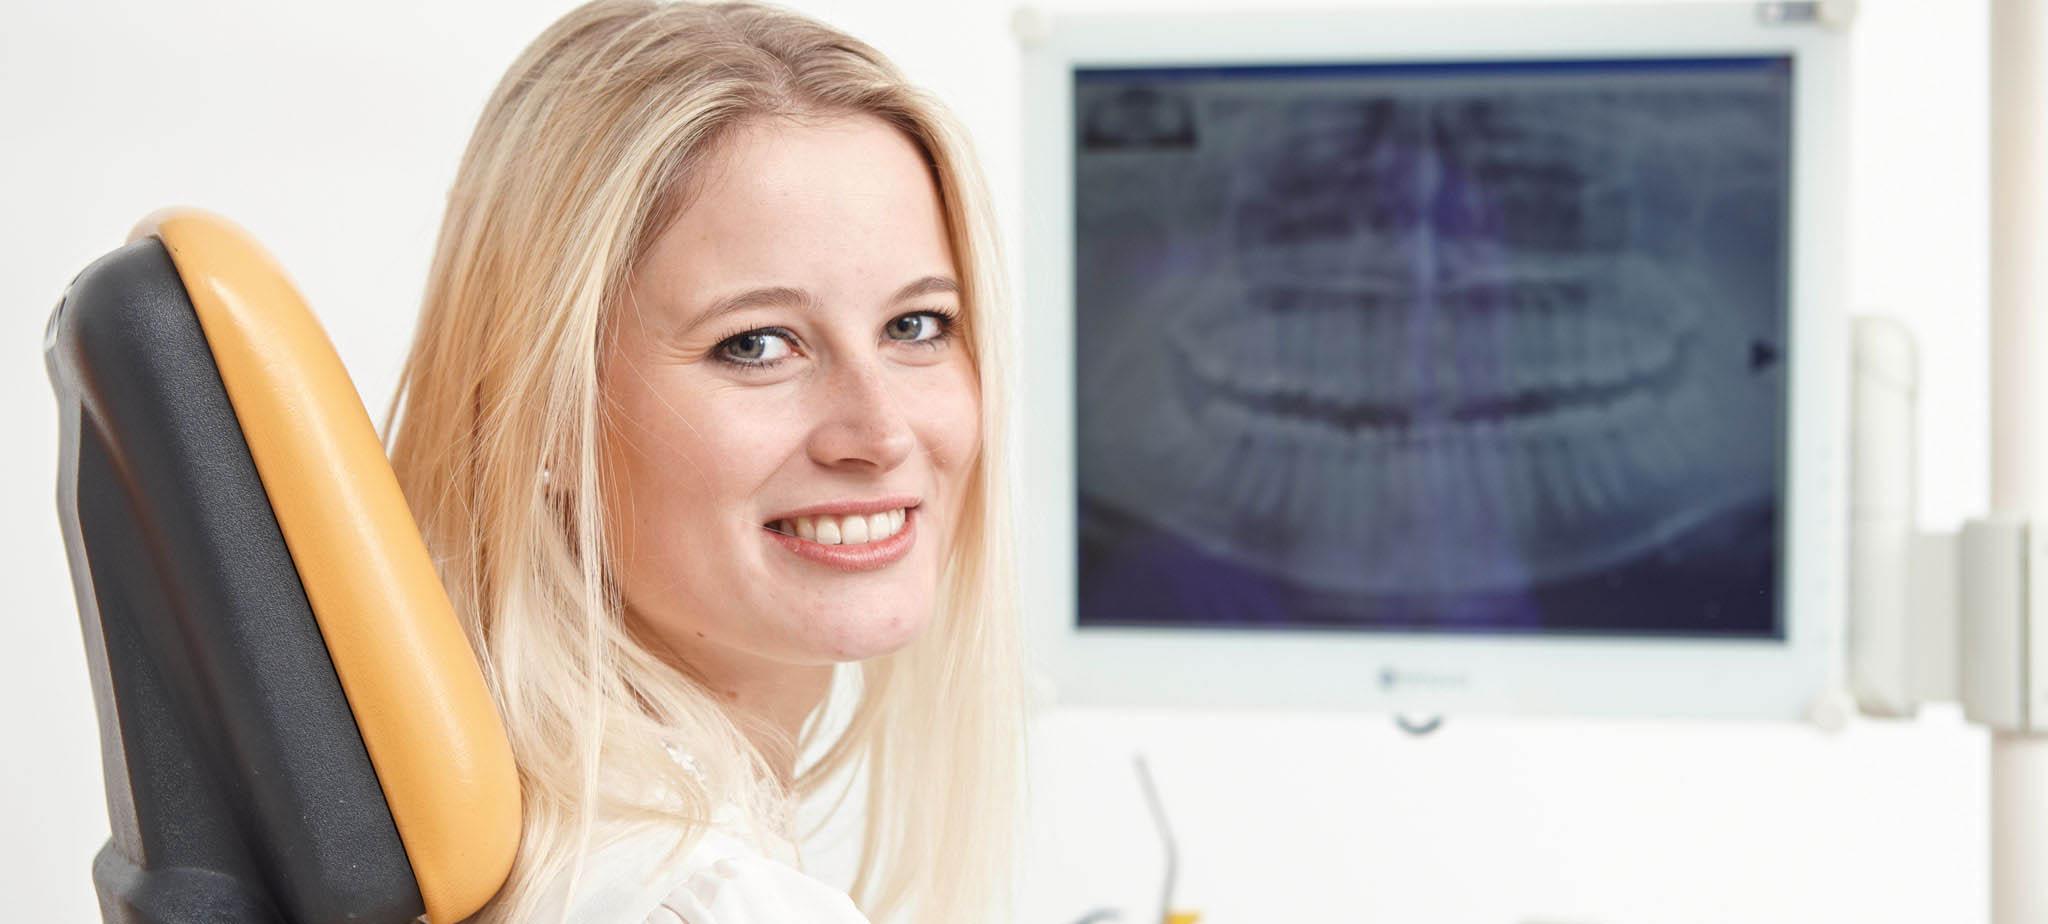 Zahnfarbene Füllungen